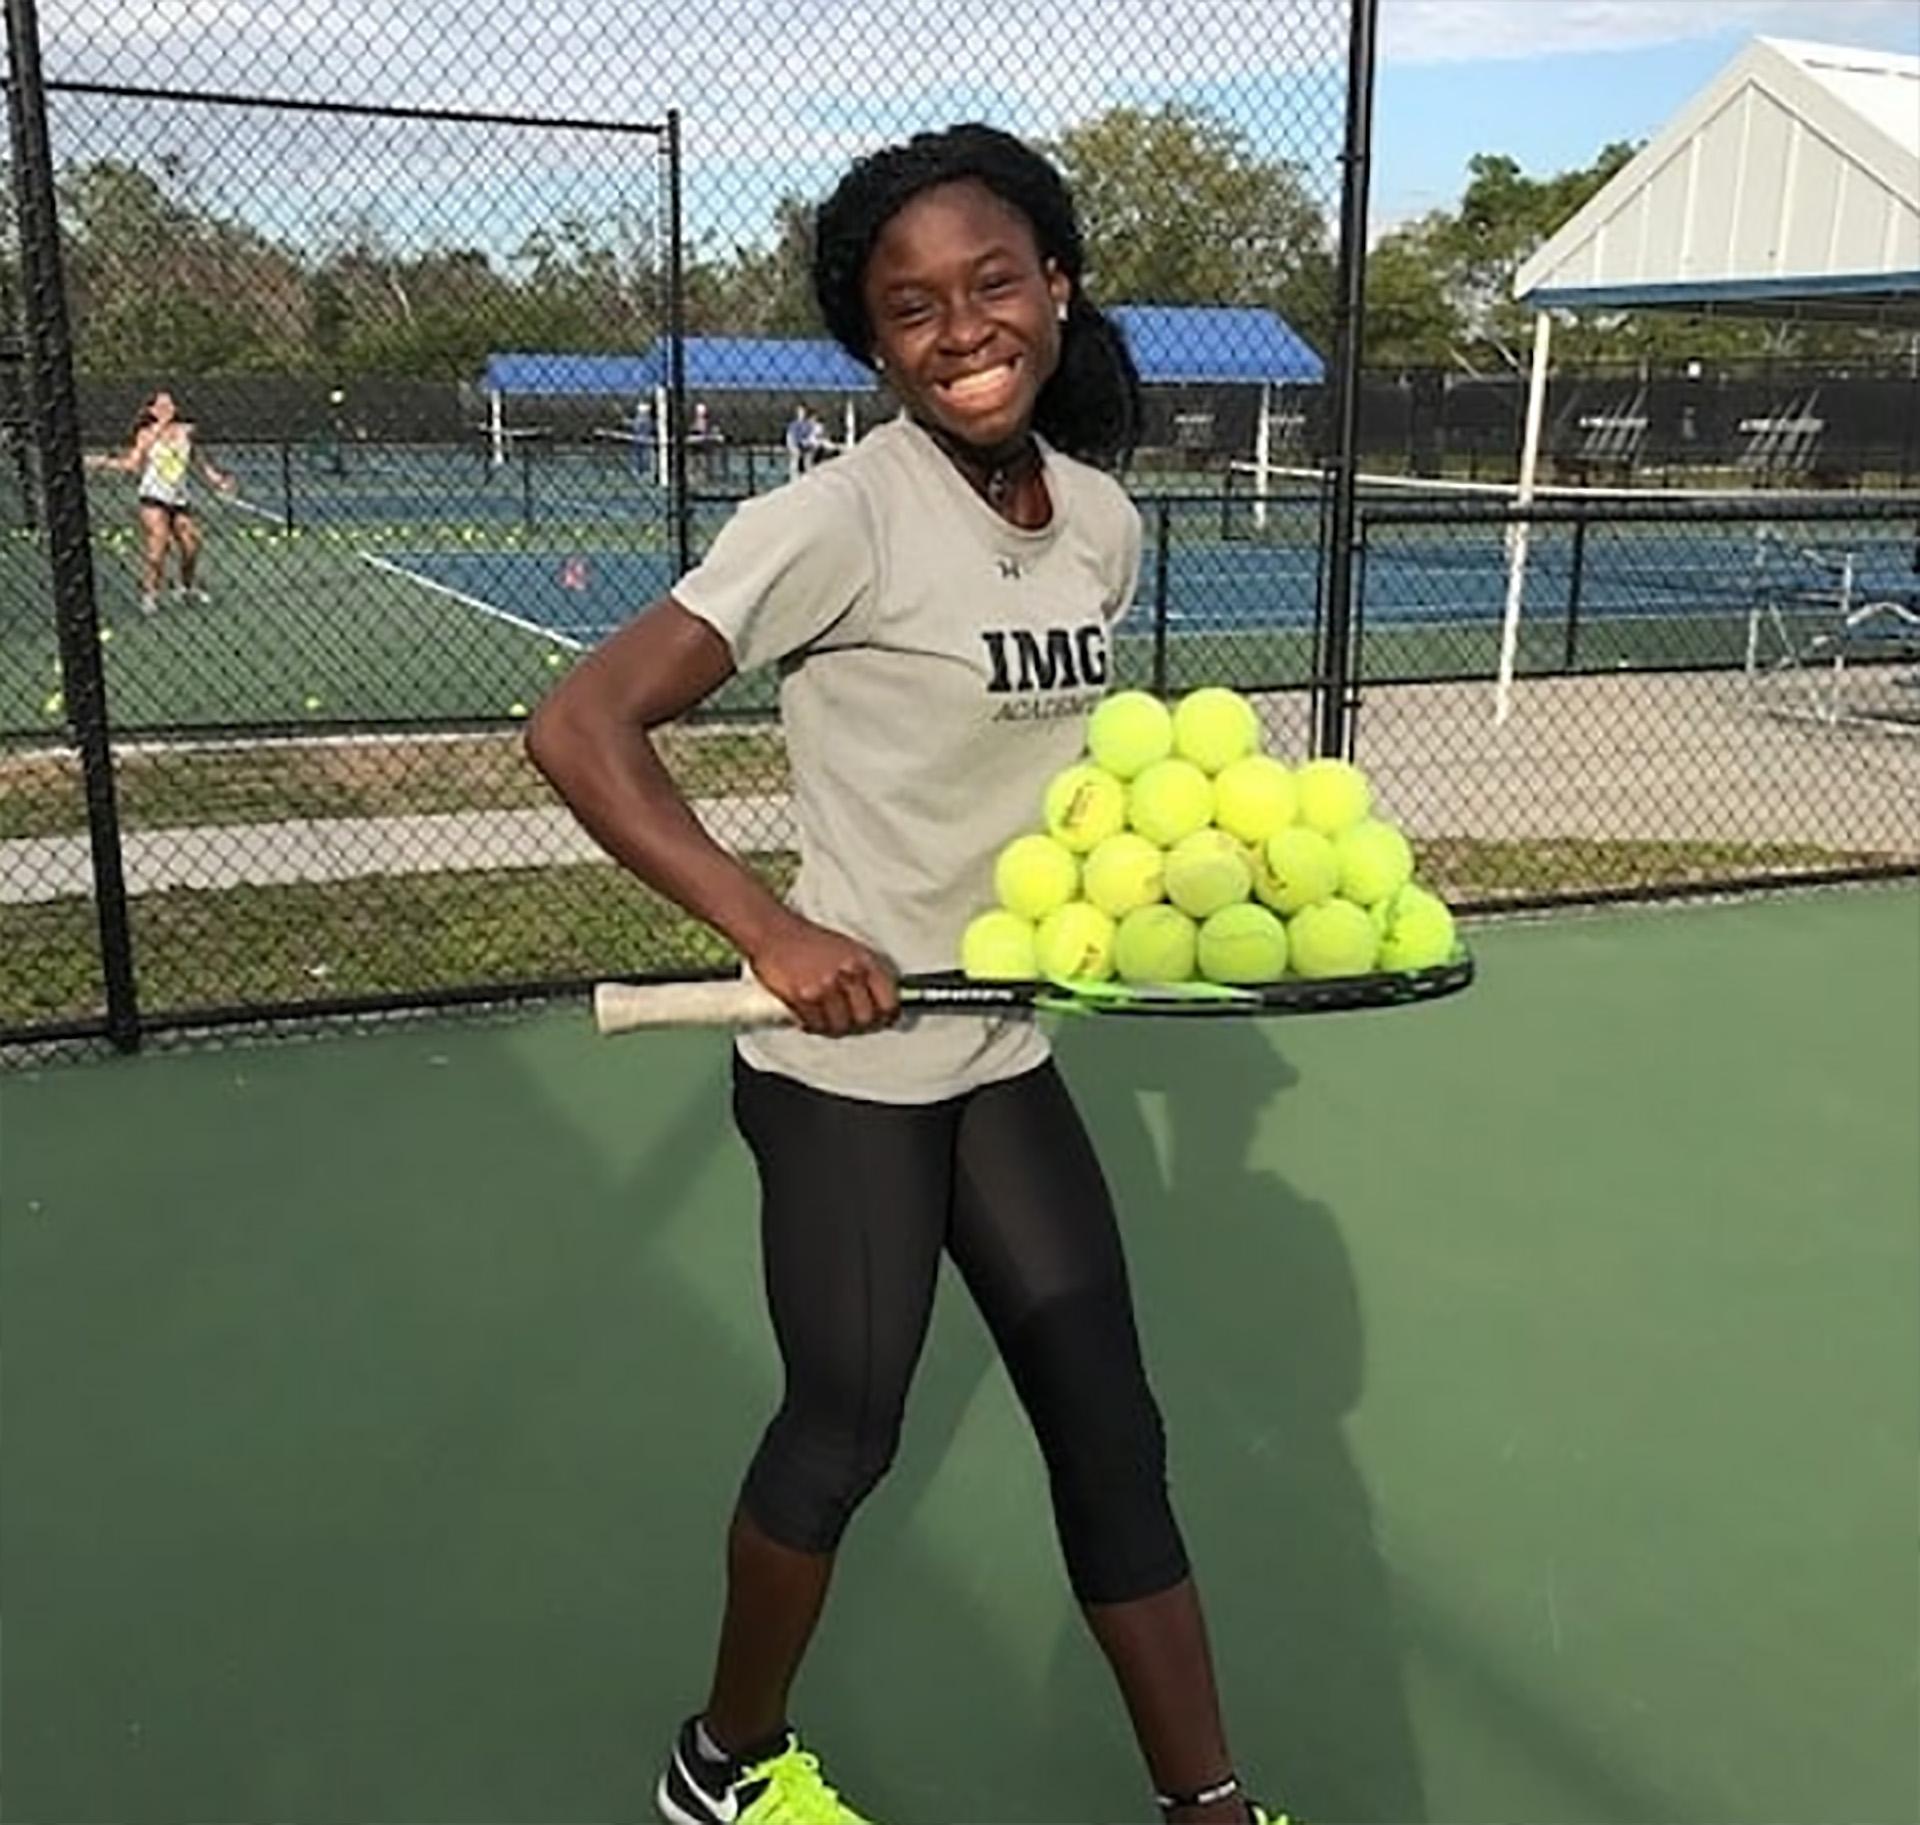 Marylove Edwards juega al tenis desde los cuatro años